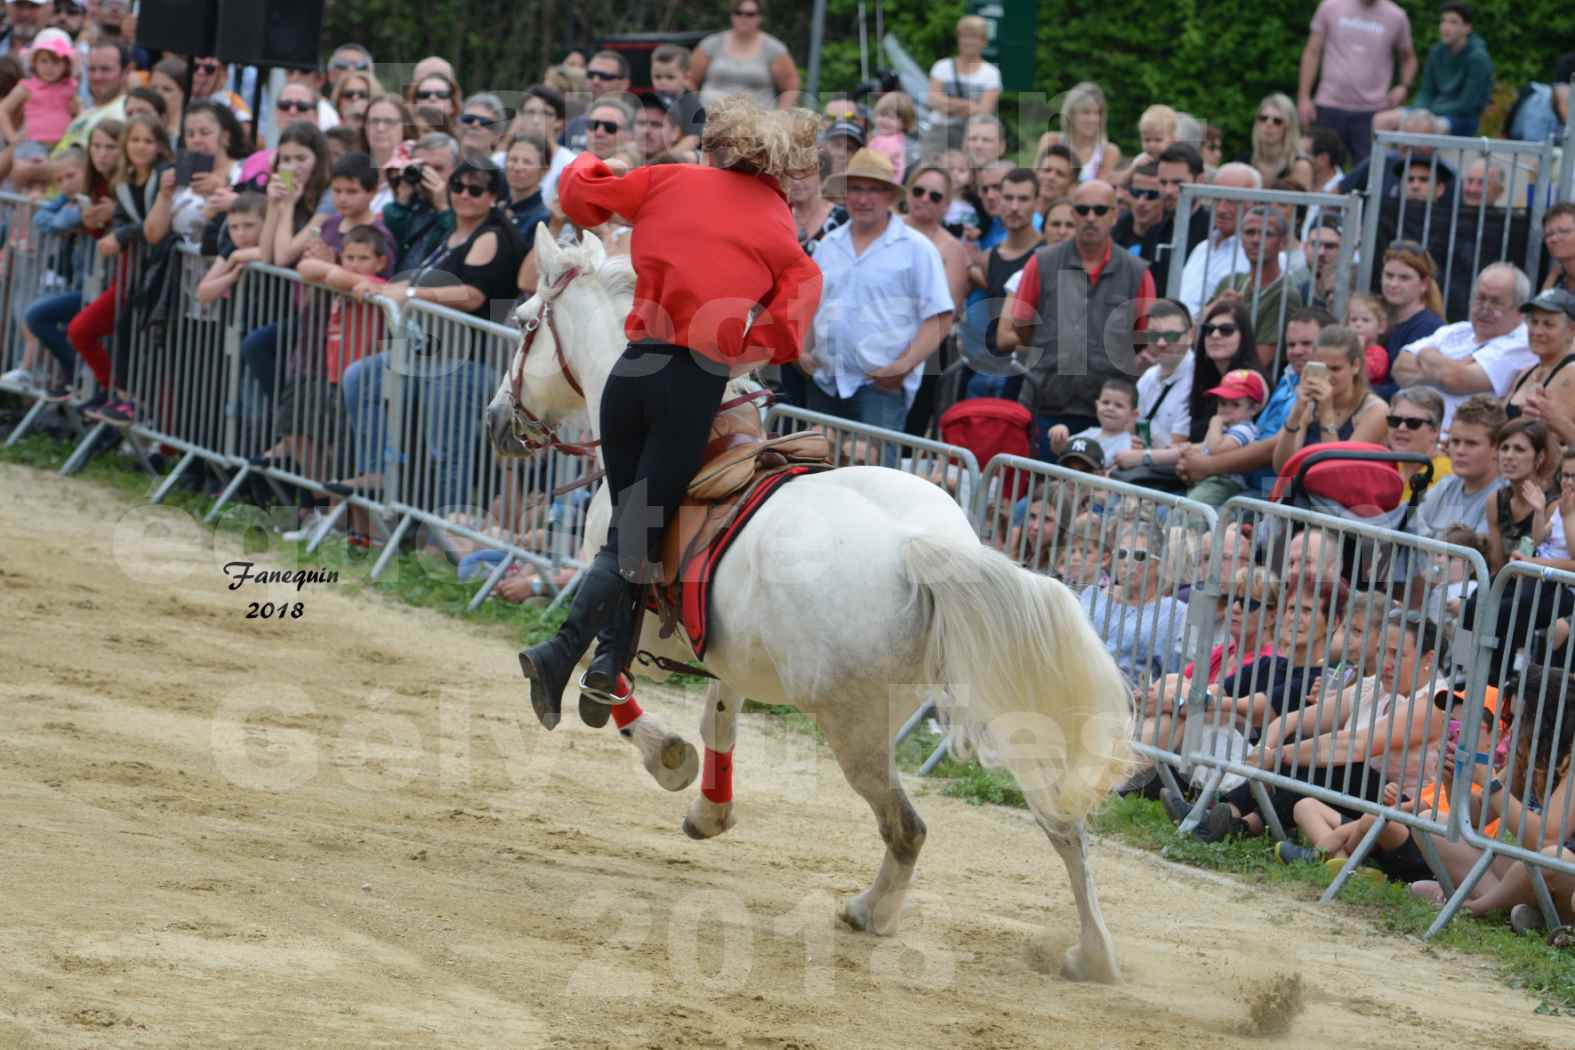 Spectacle Équestre le 3 juin 2018 à Saint Gély du Fesc - Voltige équestre - Troupe de Jean Antoine FIRMIN - 08